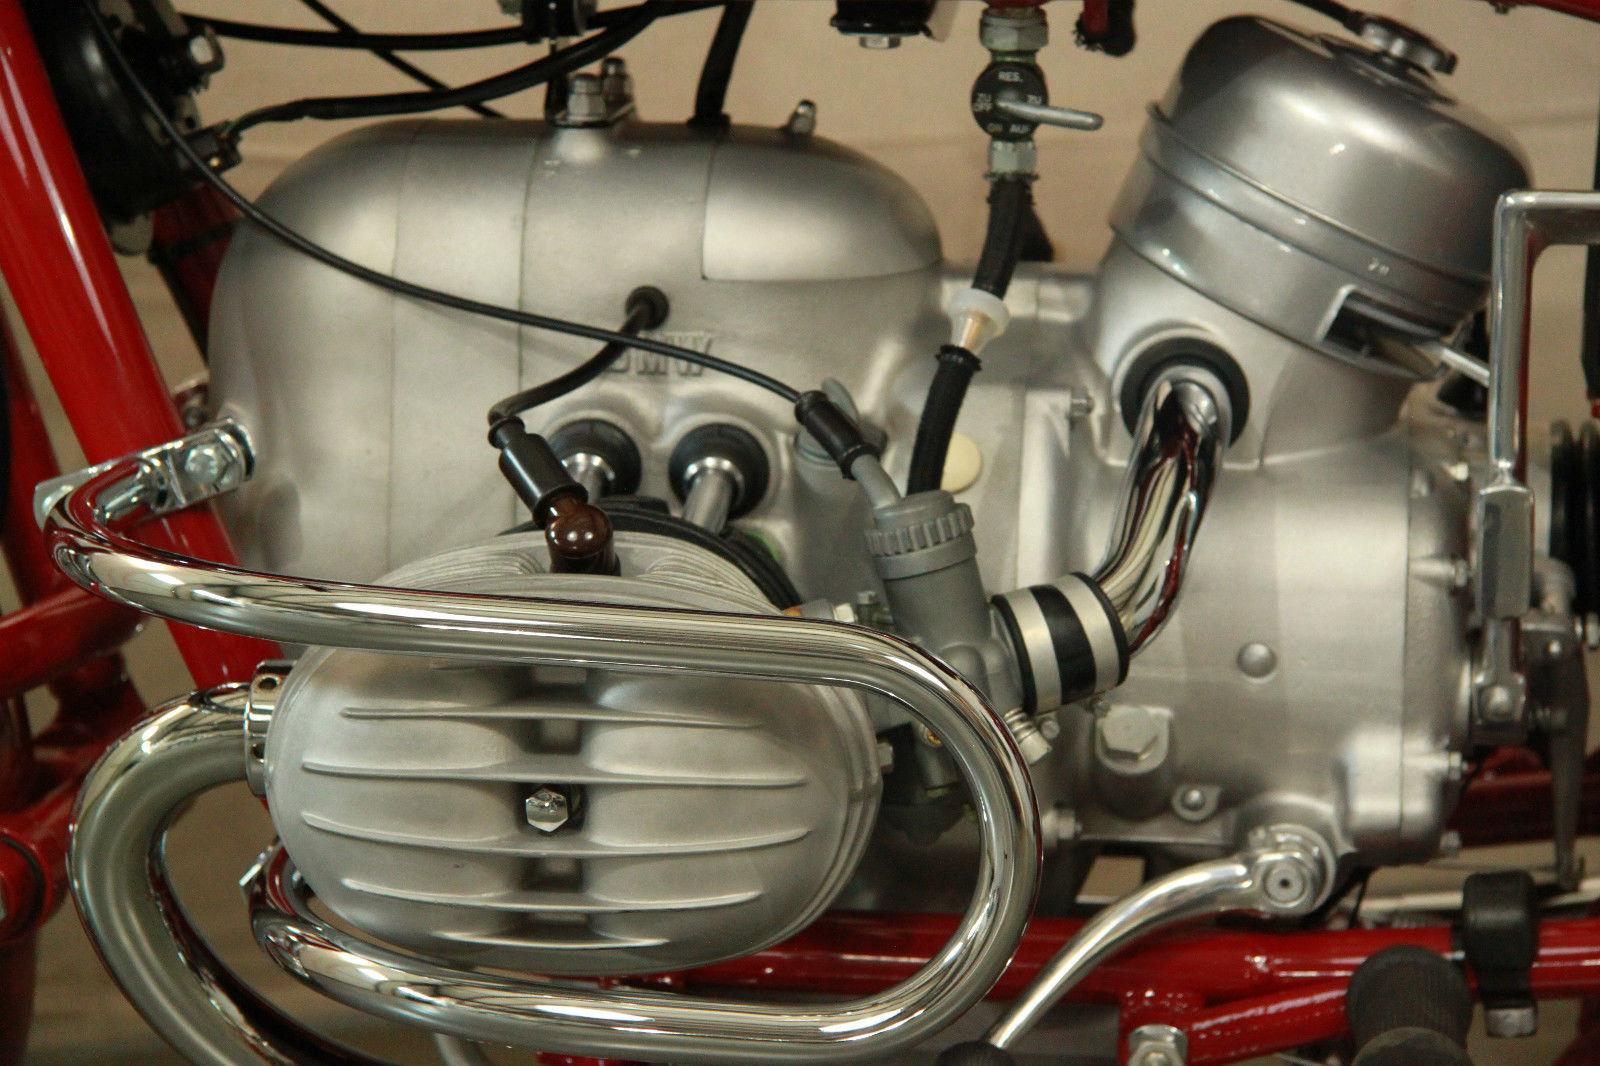 BMW R60/2 - 1963 - Crash Bar, Engine Protector, Rocker Cover, Spark Plug and Carb.